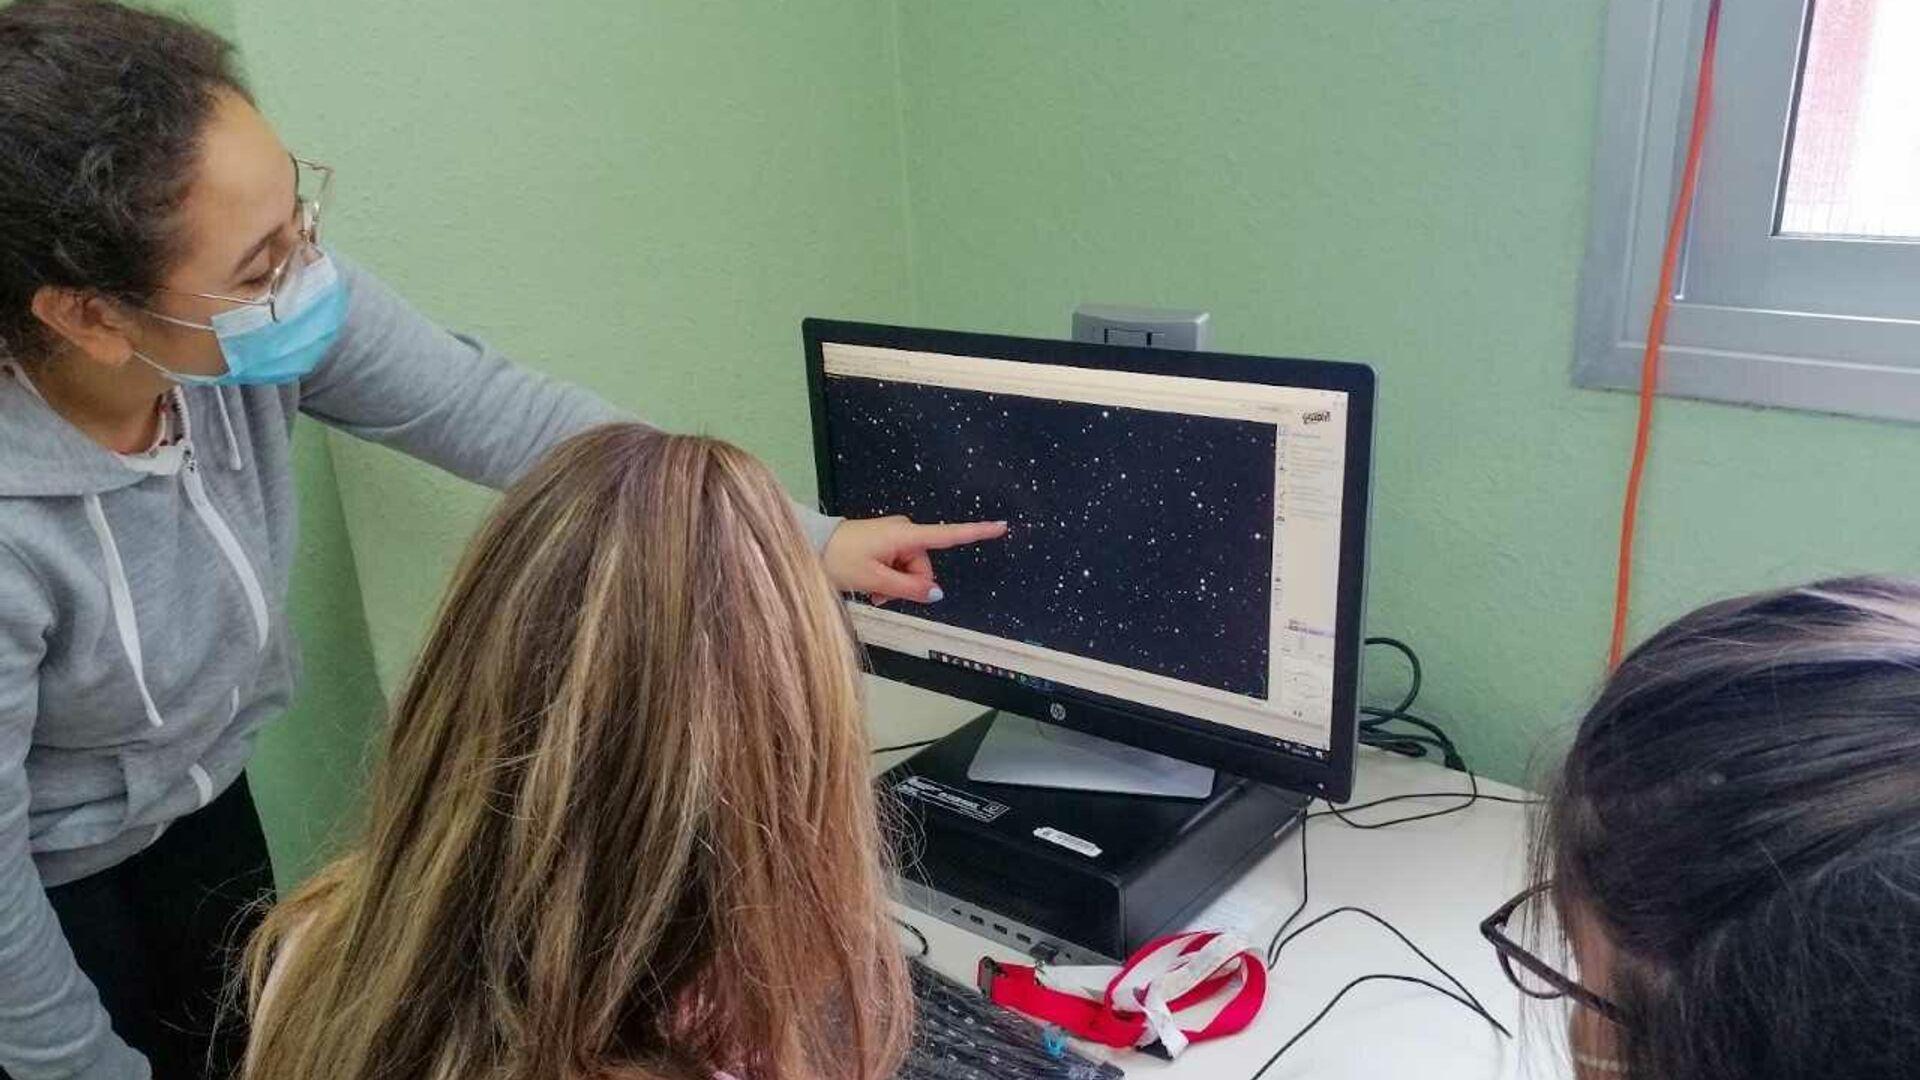 Estudiantes de dos institutos canarios descubren dos nuevas estrellas variables pulsantes - Sputnik Mundo, 1920, 05.05.2021